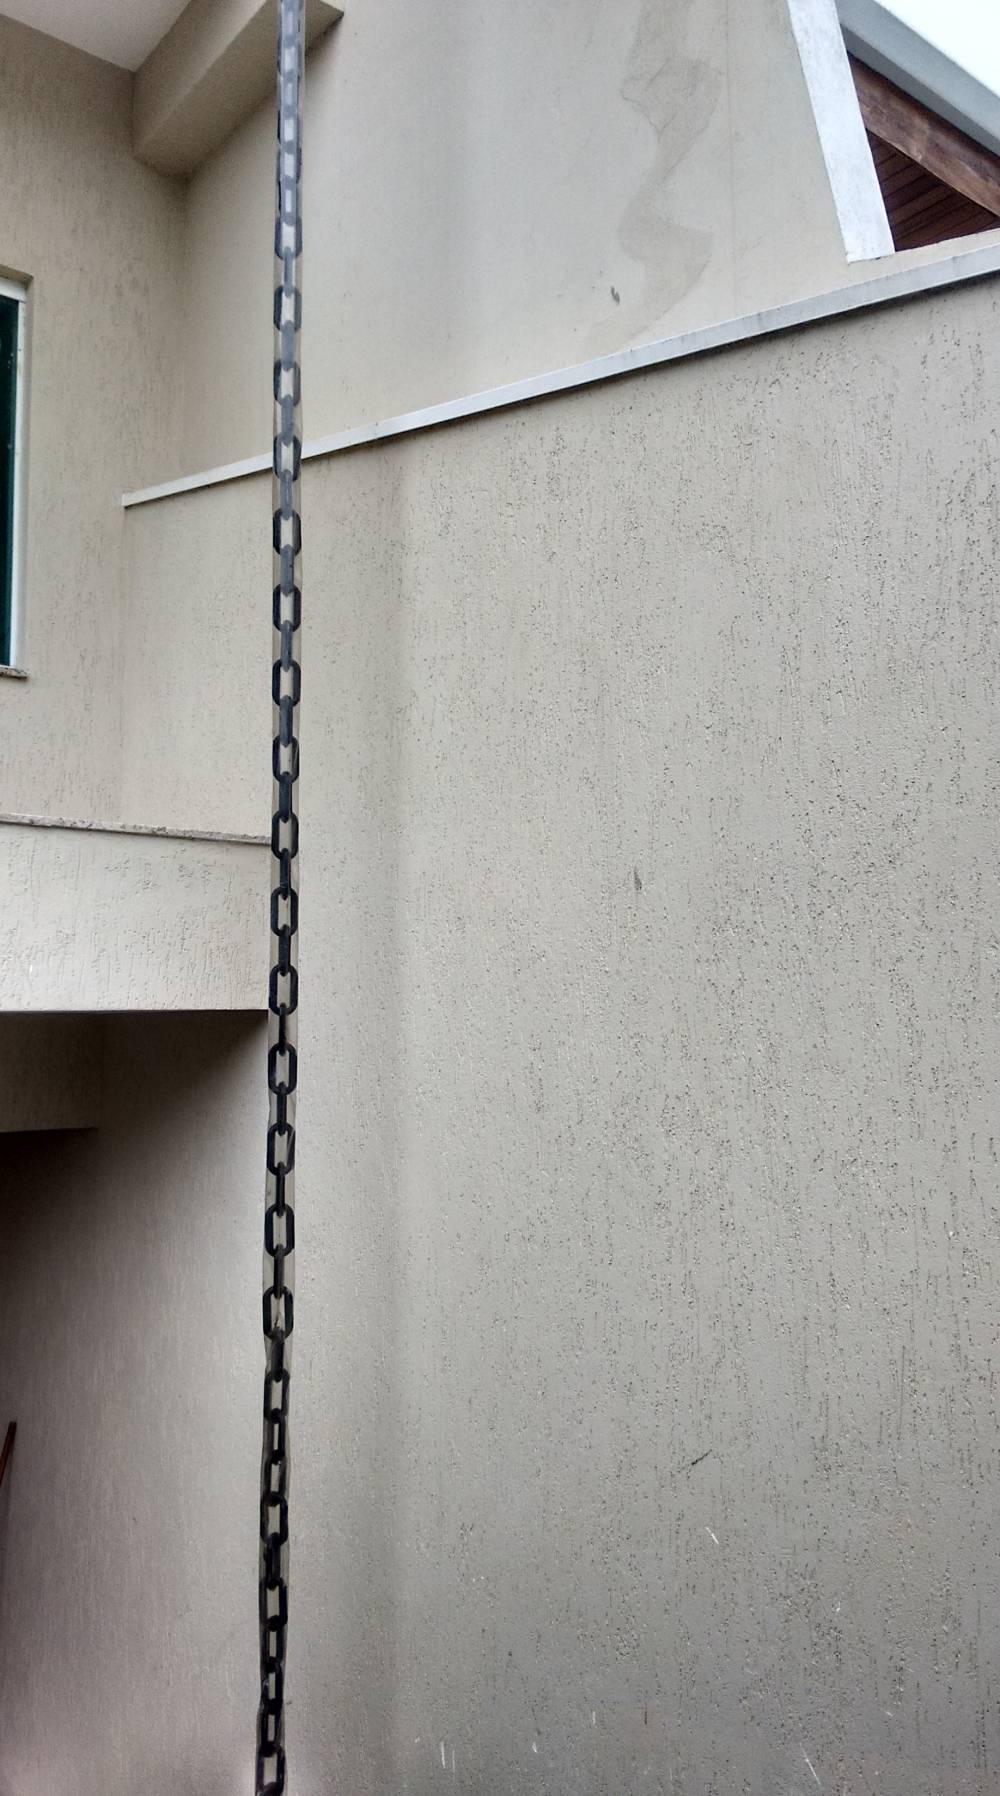 Reparos em Residências para Que Serve no Cata Preta - Reparos Residenciais na Zona Sul